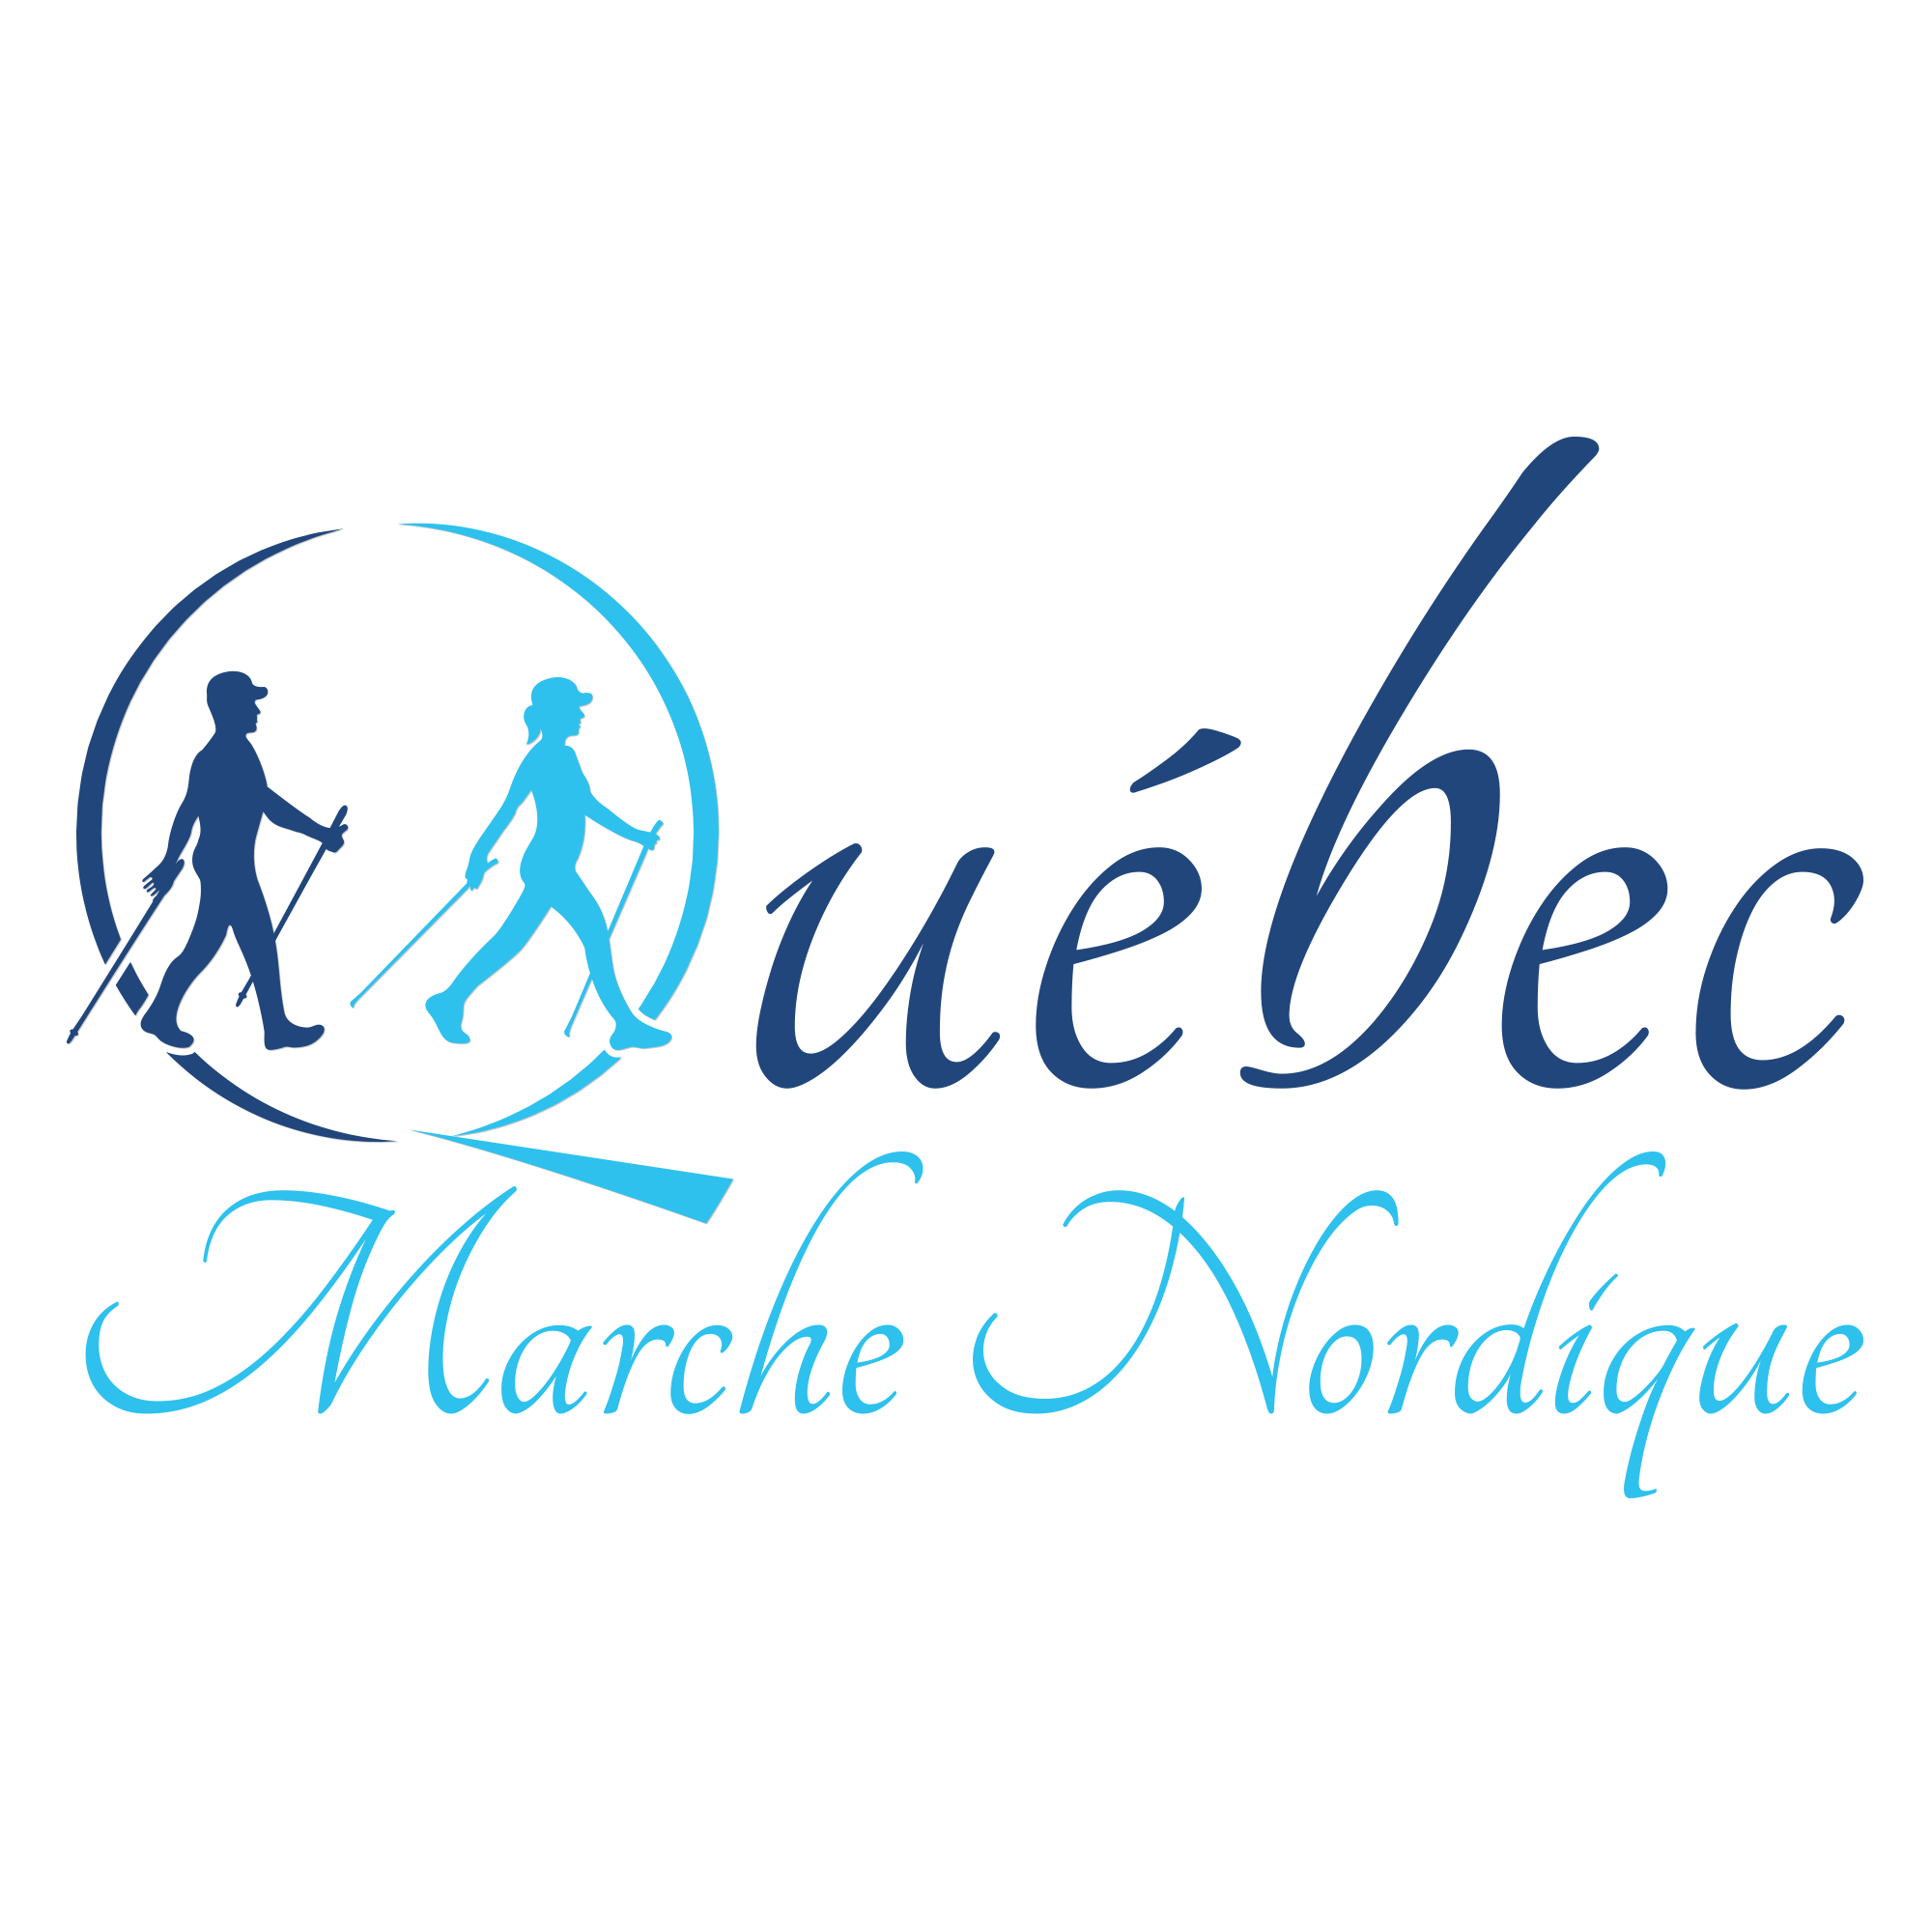 Québec Marche Nordique